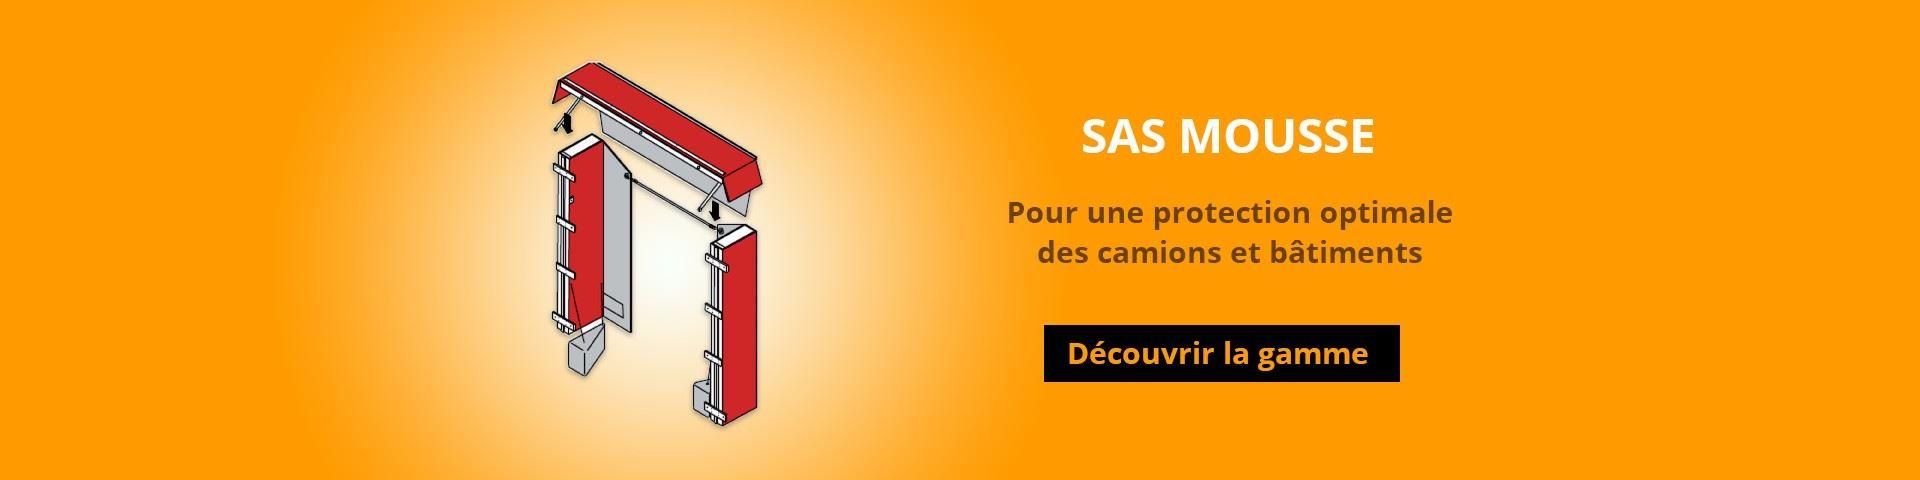 SAS MOUSSE